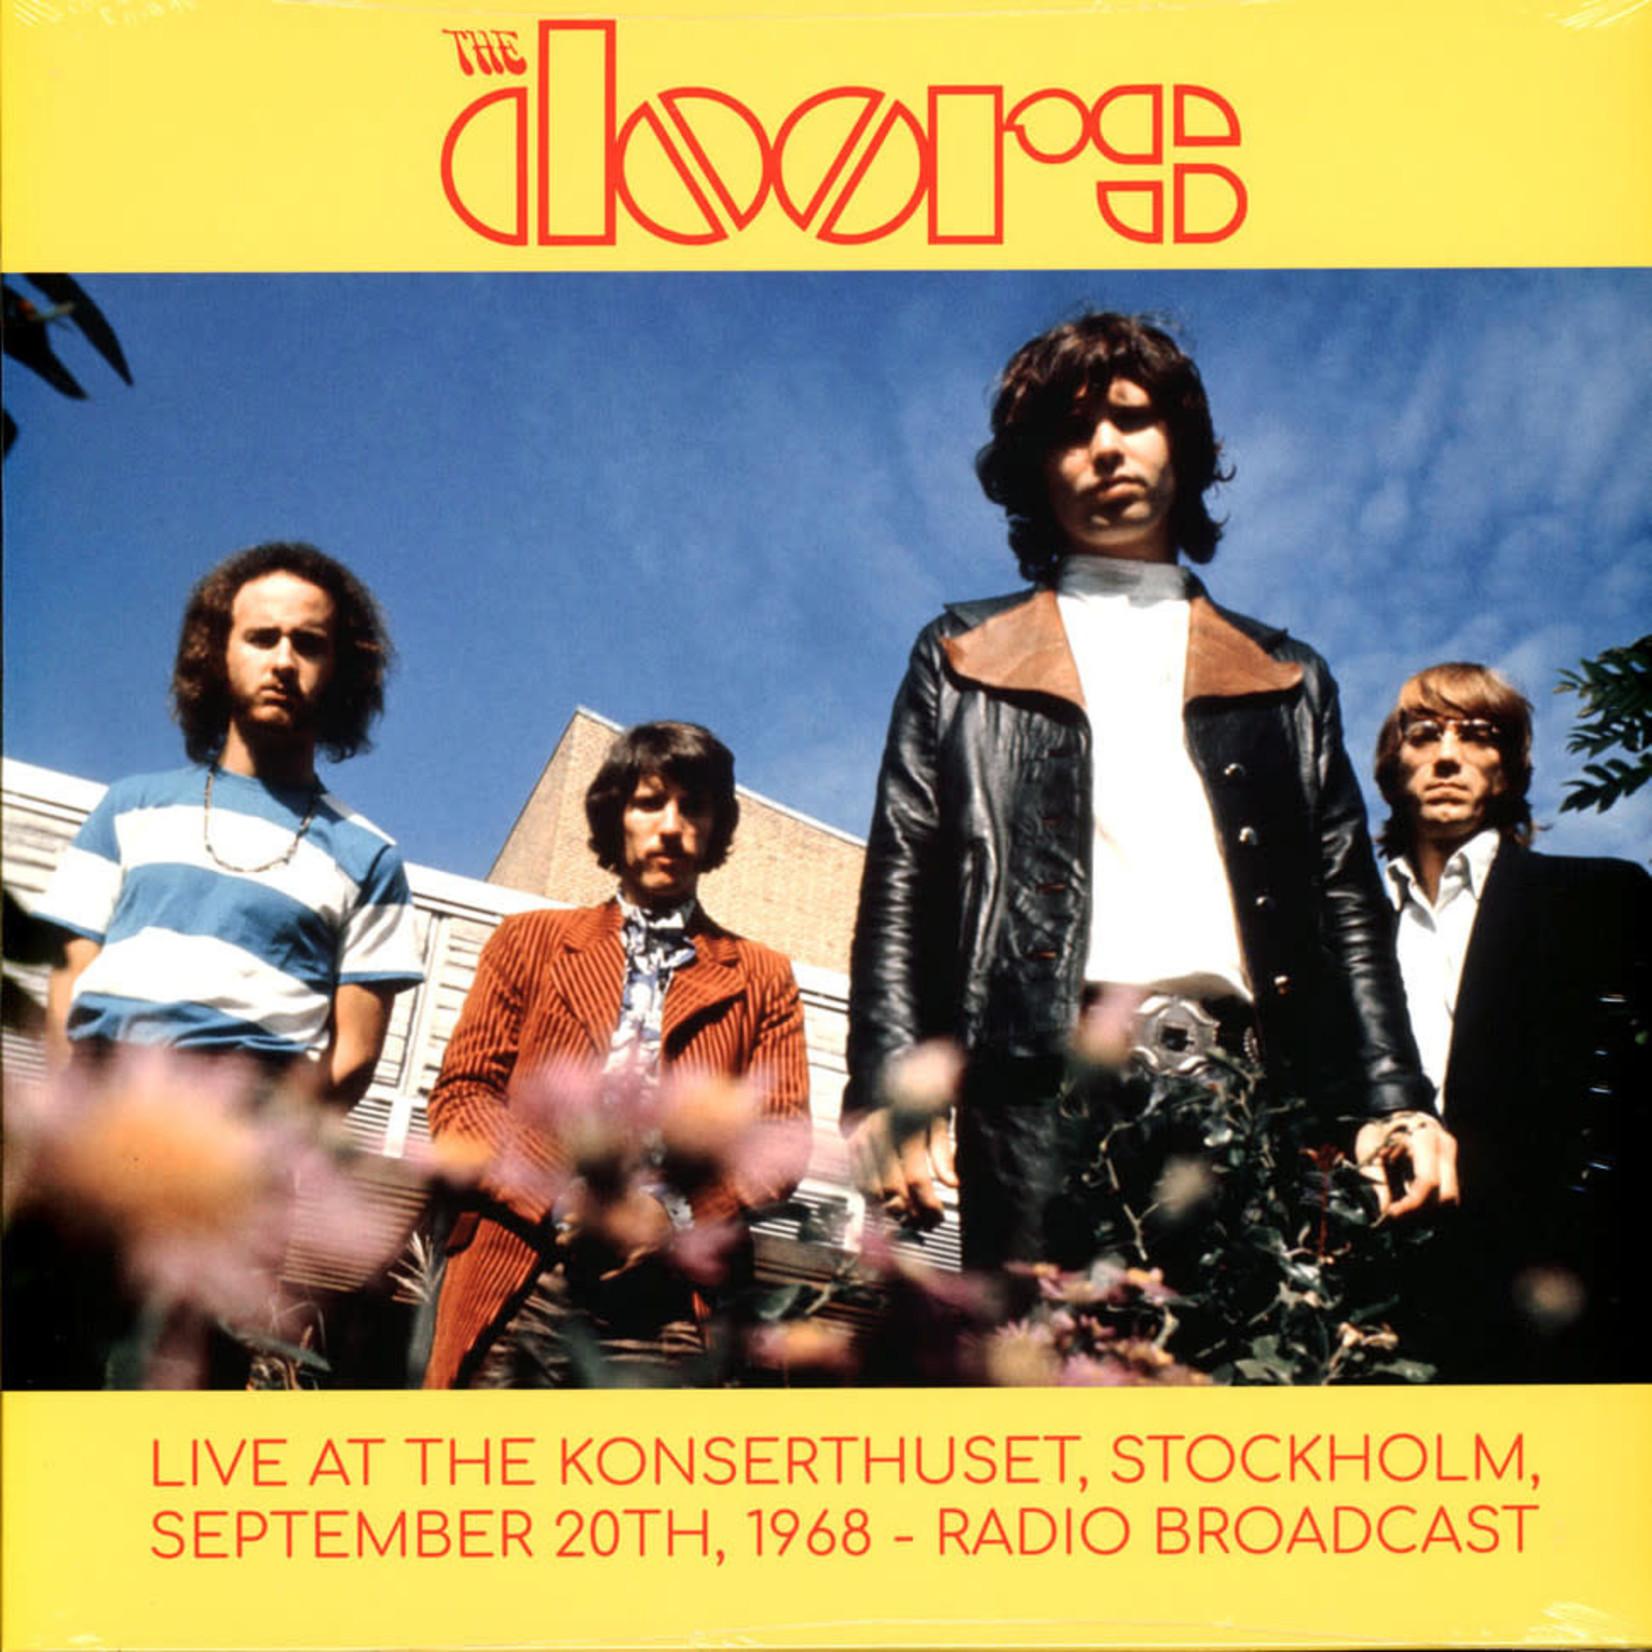 Vinyl The Doors - Stockholm 1968